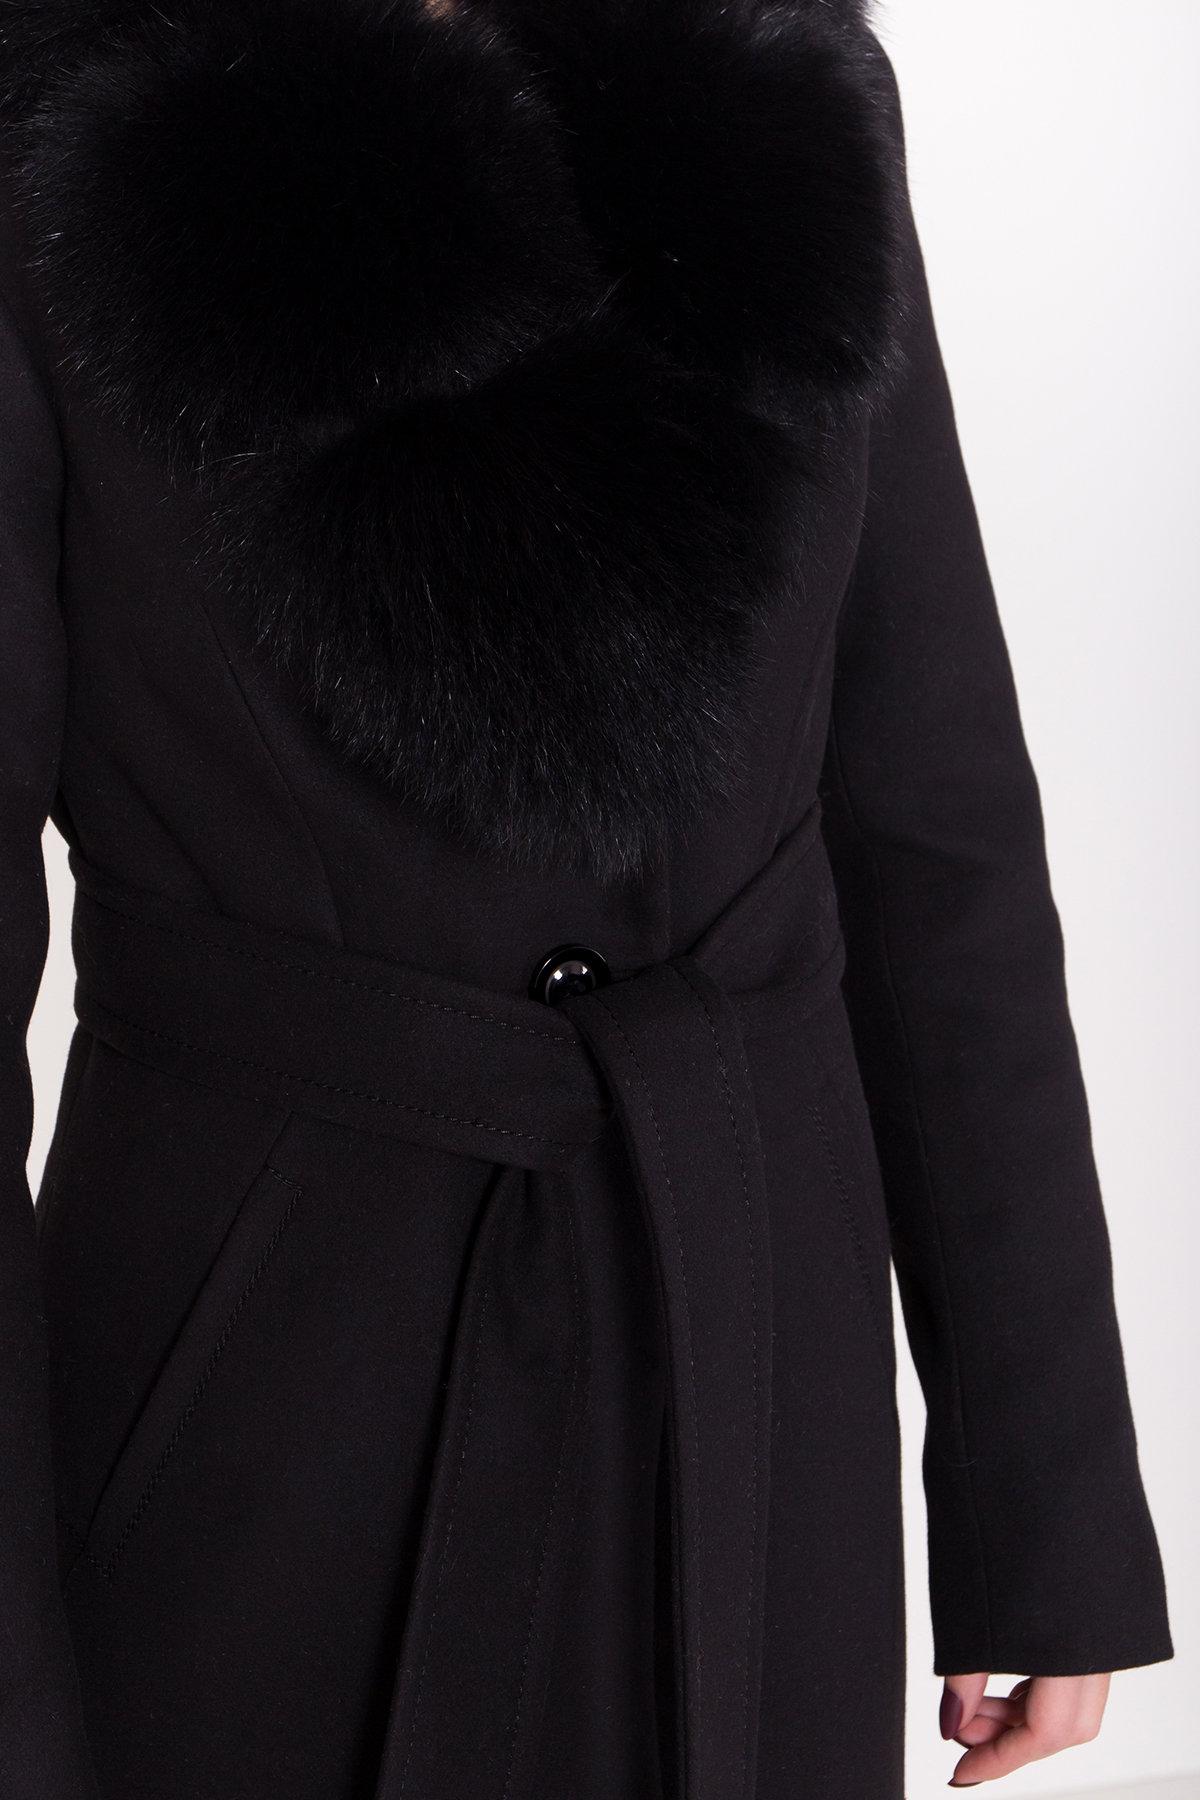 Пальто зима Камила классик 8486 АРТ. 44777 Цвет: Черный Н-1 - фото 6, интернет магазин tm-modus.ru